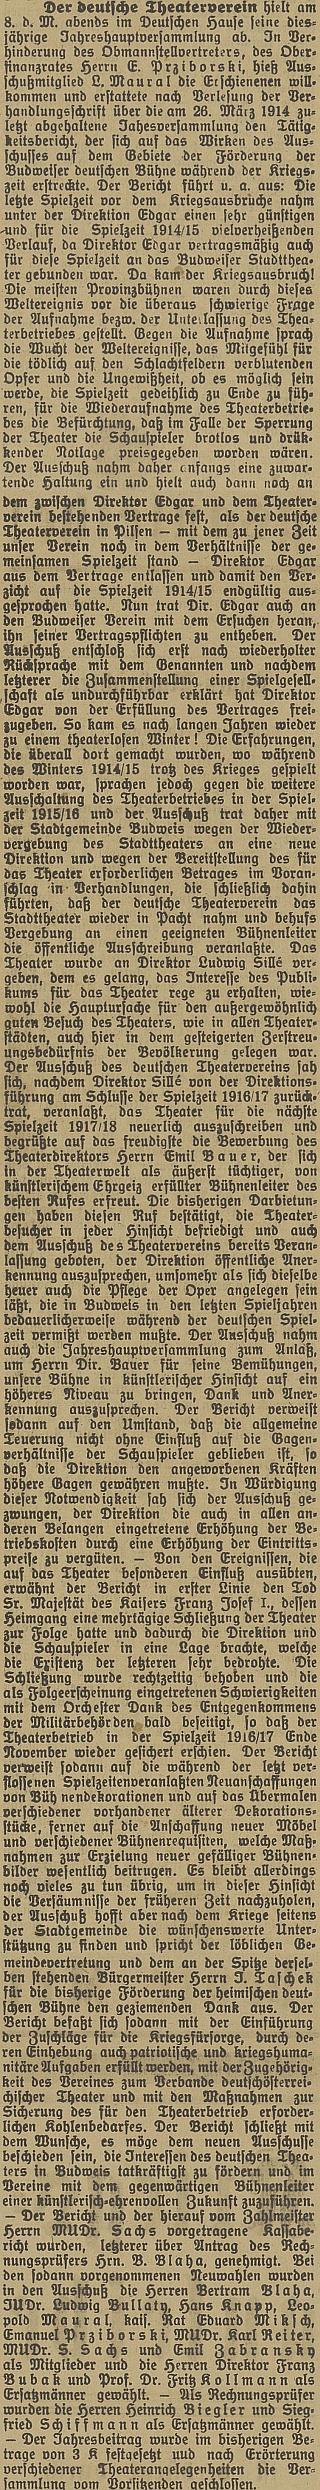 Obsáhlý text z listopadu 1917 popisuje situaci v českobudějovickém německém divadle vletech 1914-1917 včetně jeho působení